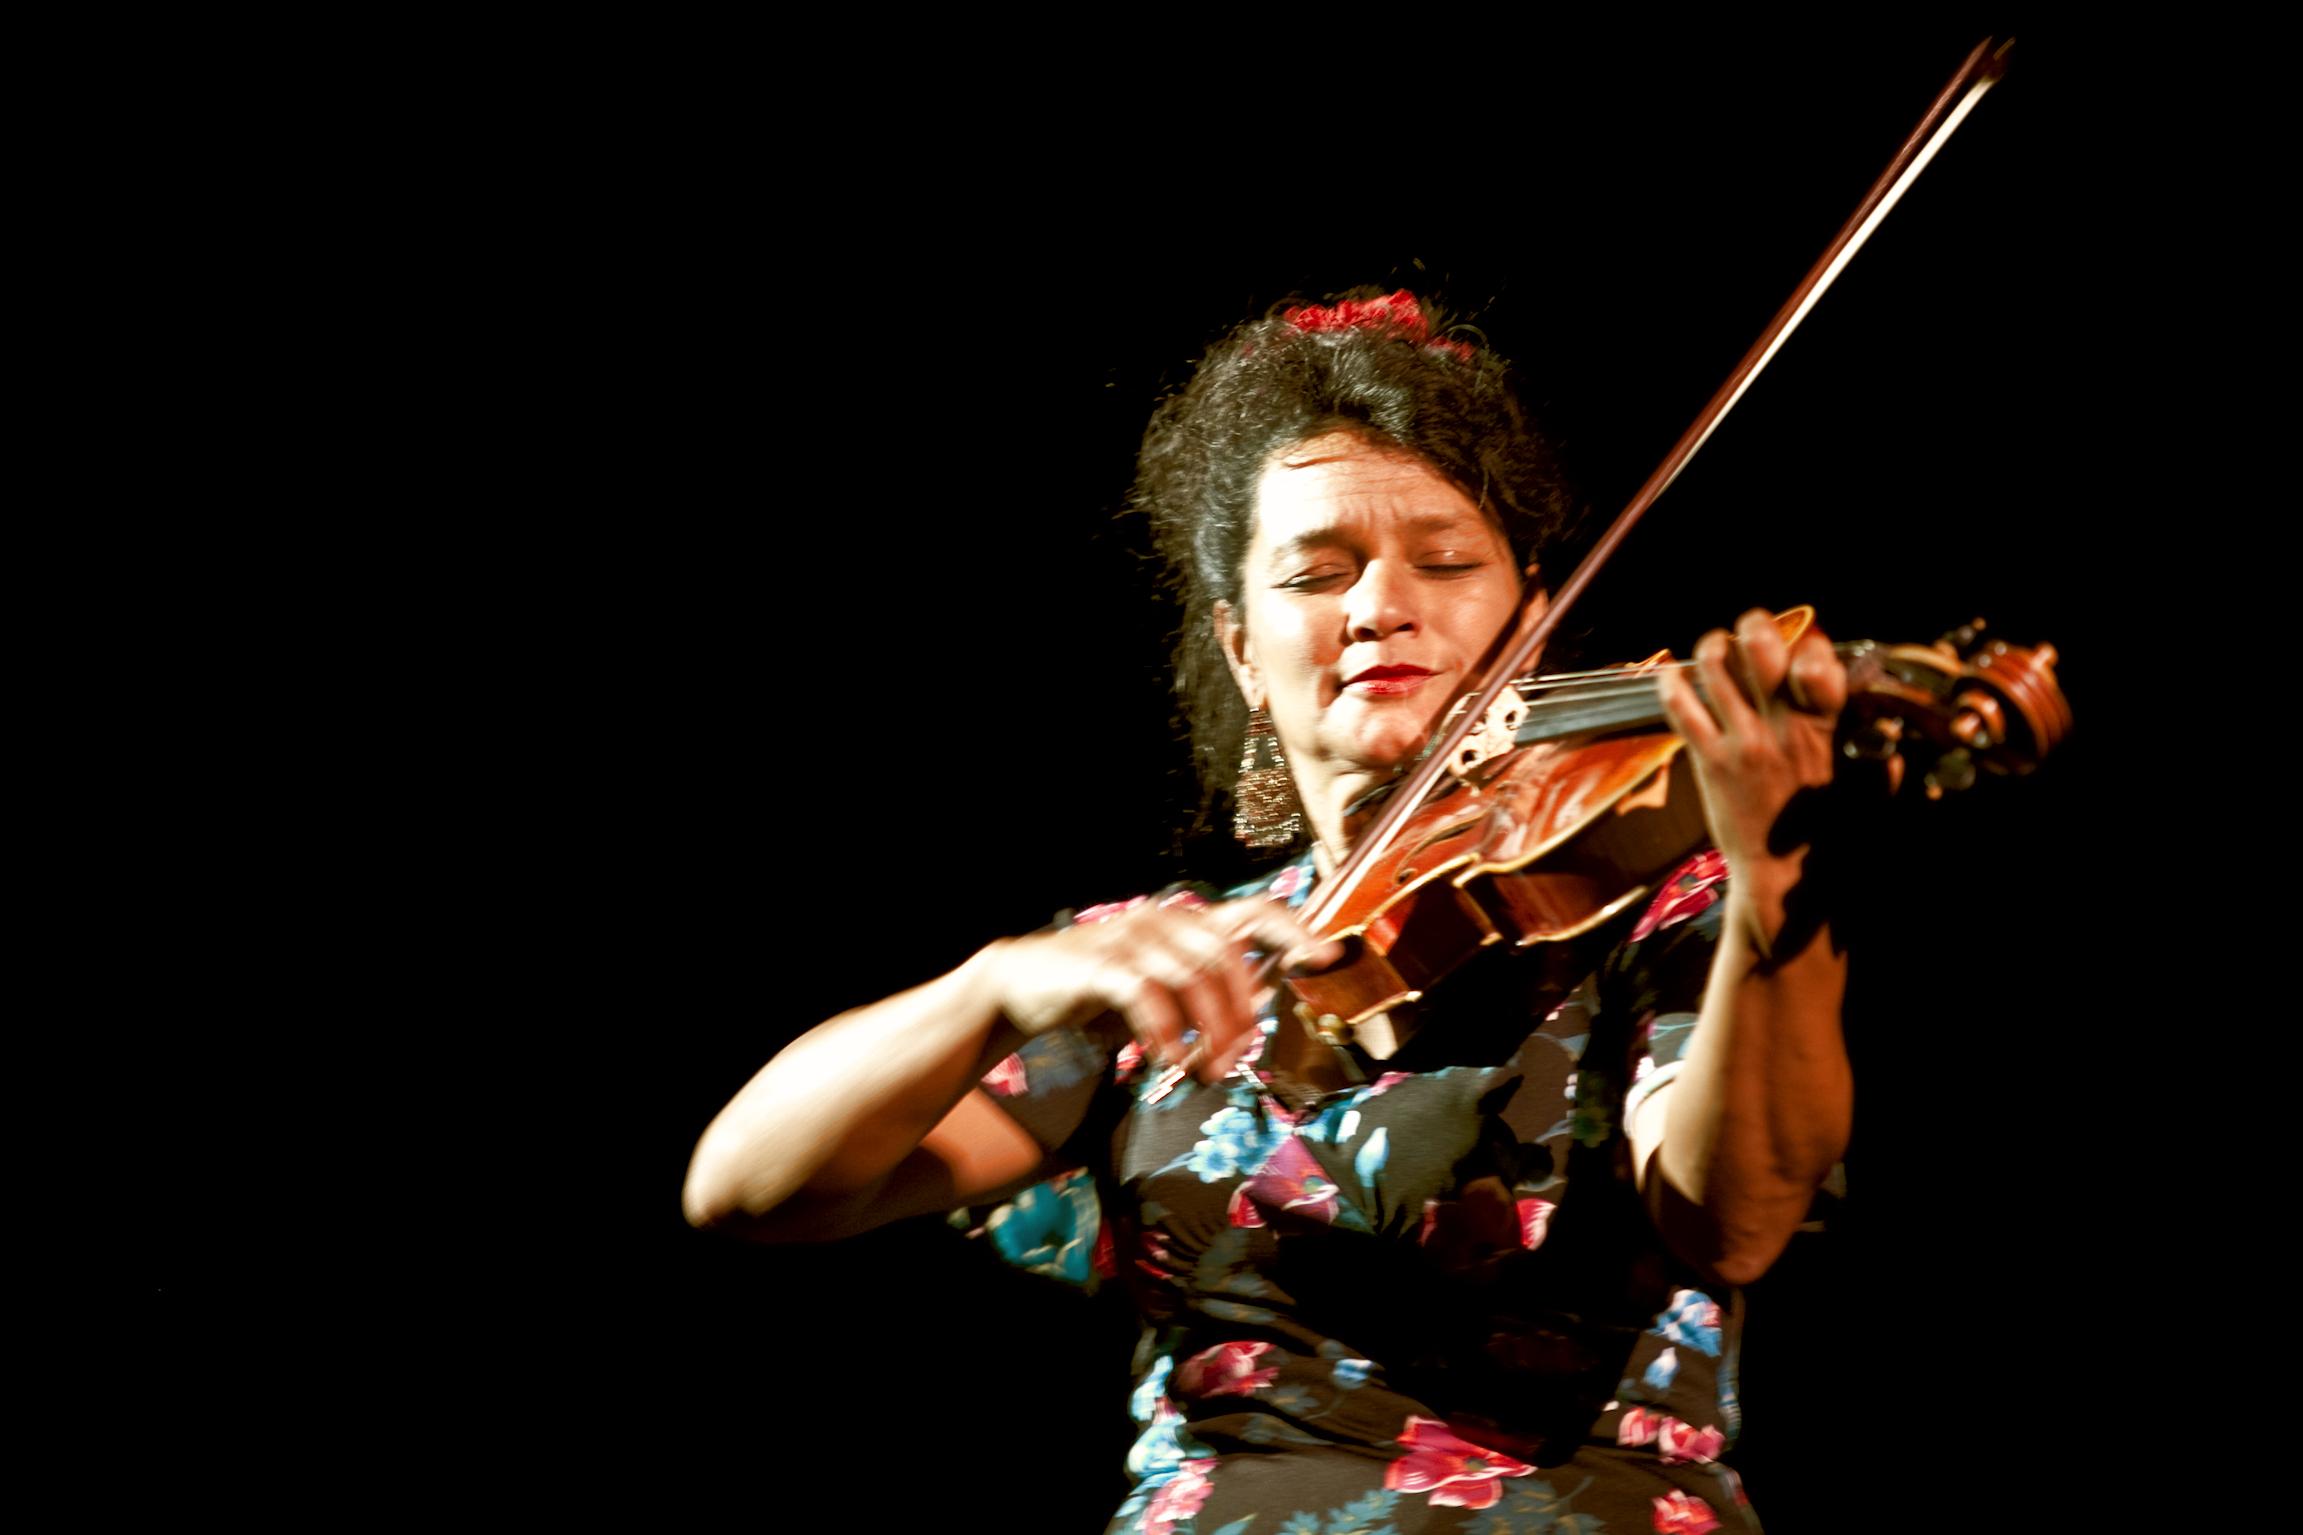 concertgebouw open 2010-4153.jpg